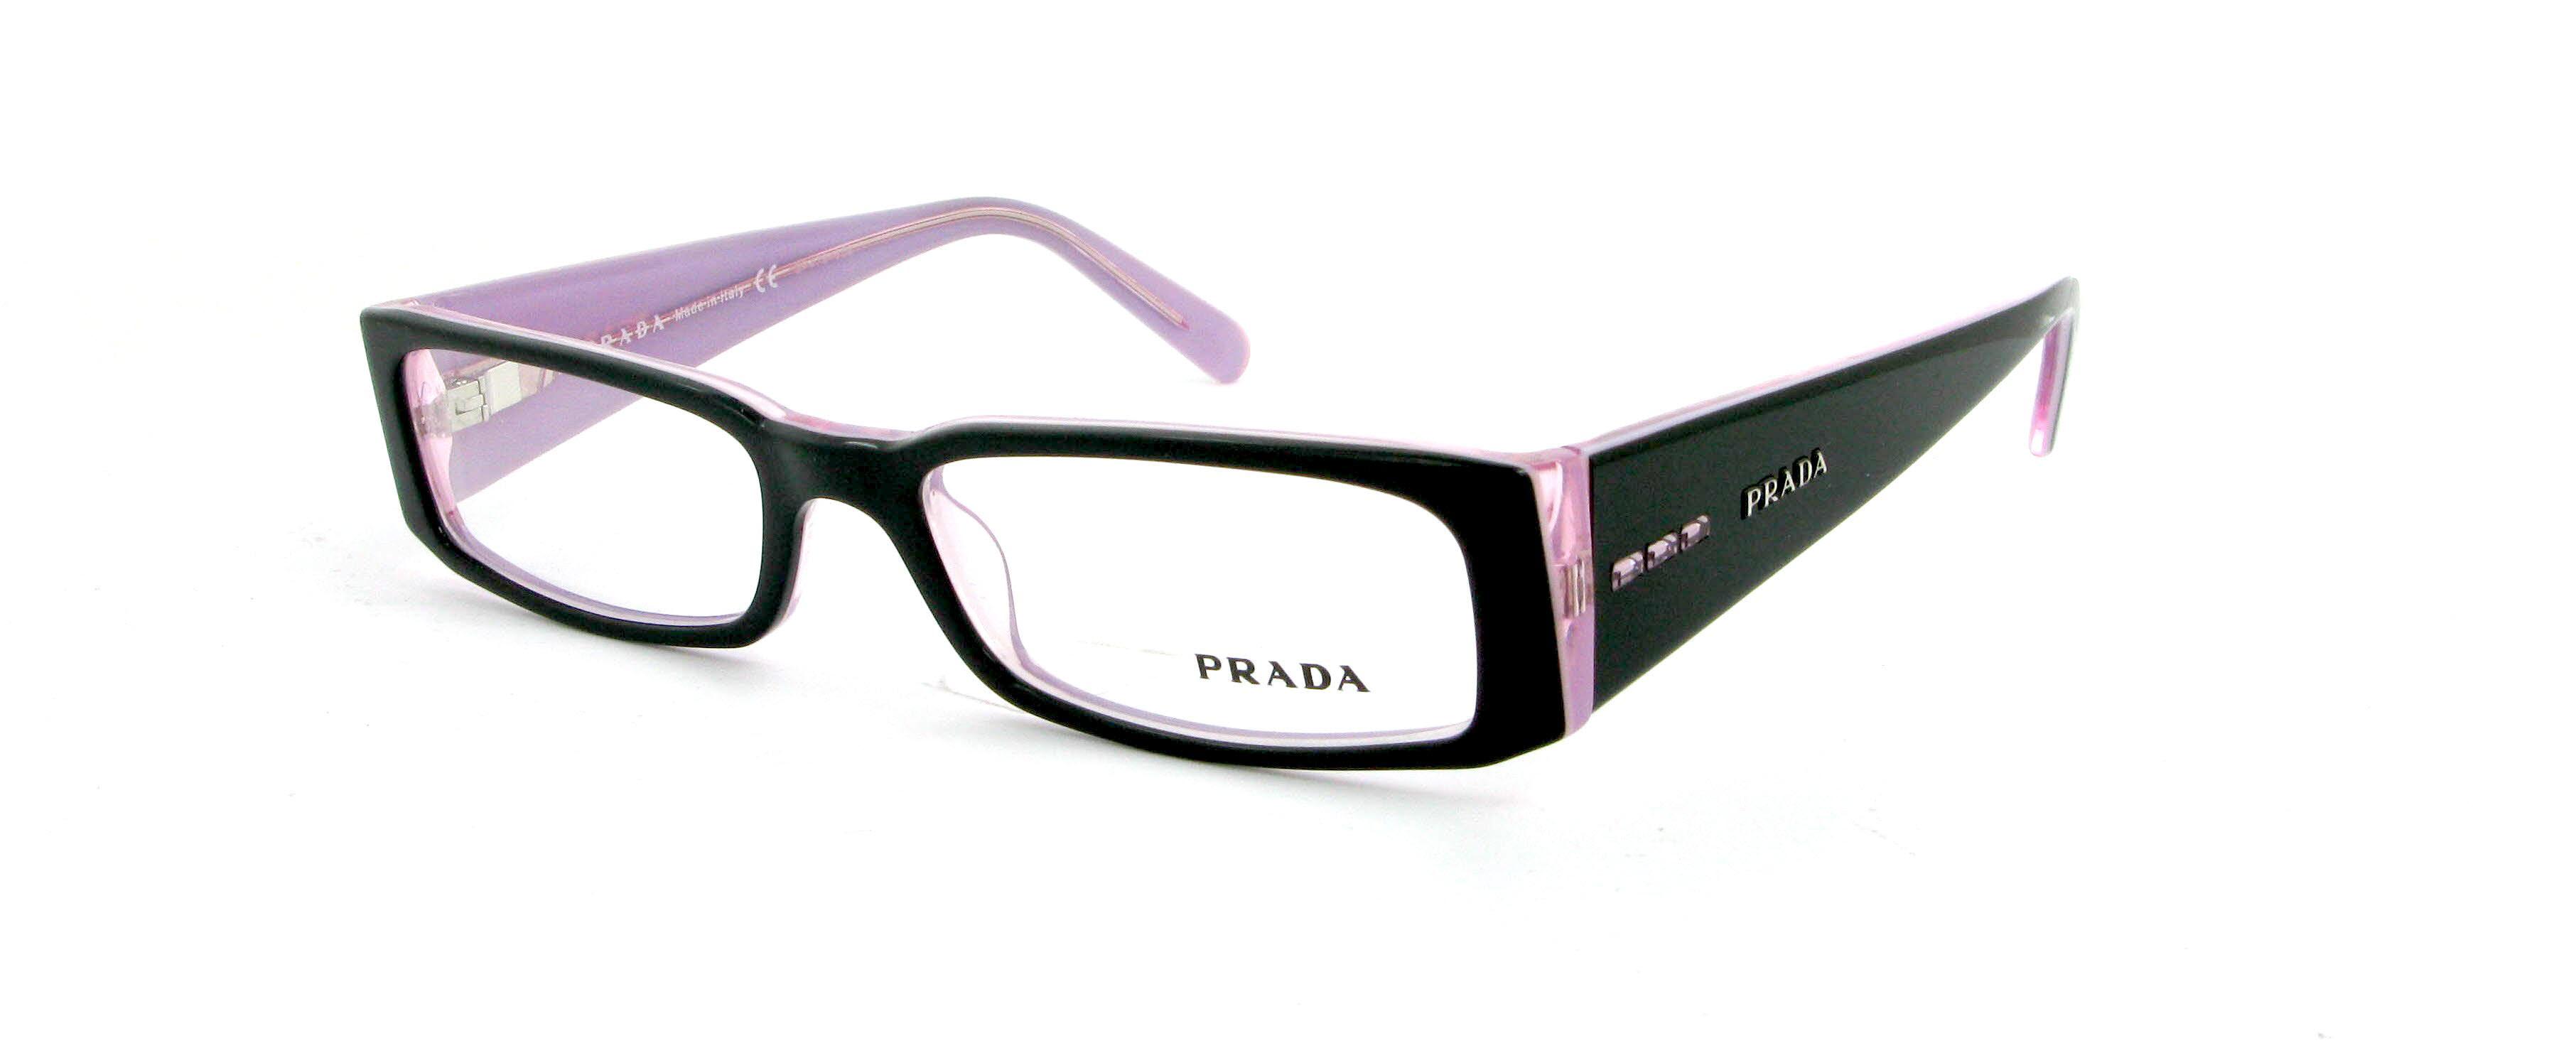 Facile et rapide la commande de lunettes online